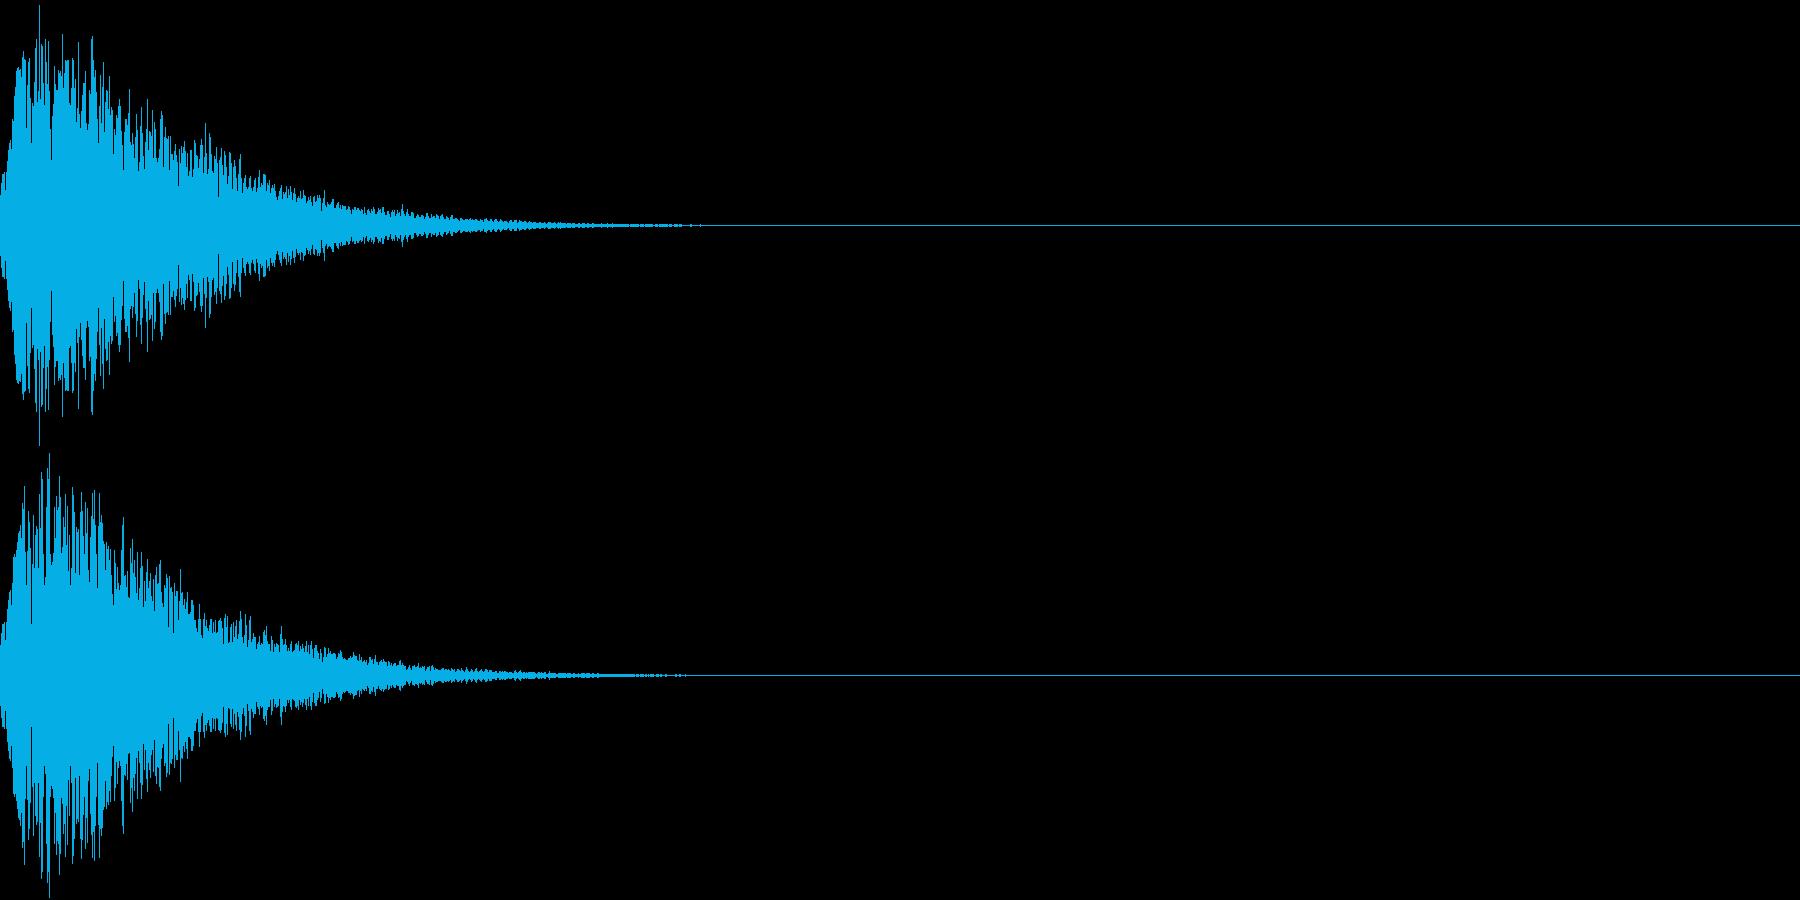 光る  輝く  キュピーン  キラーンIの再生済みの波形